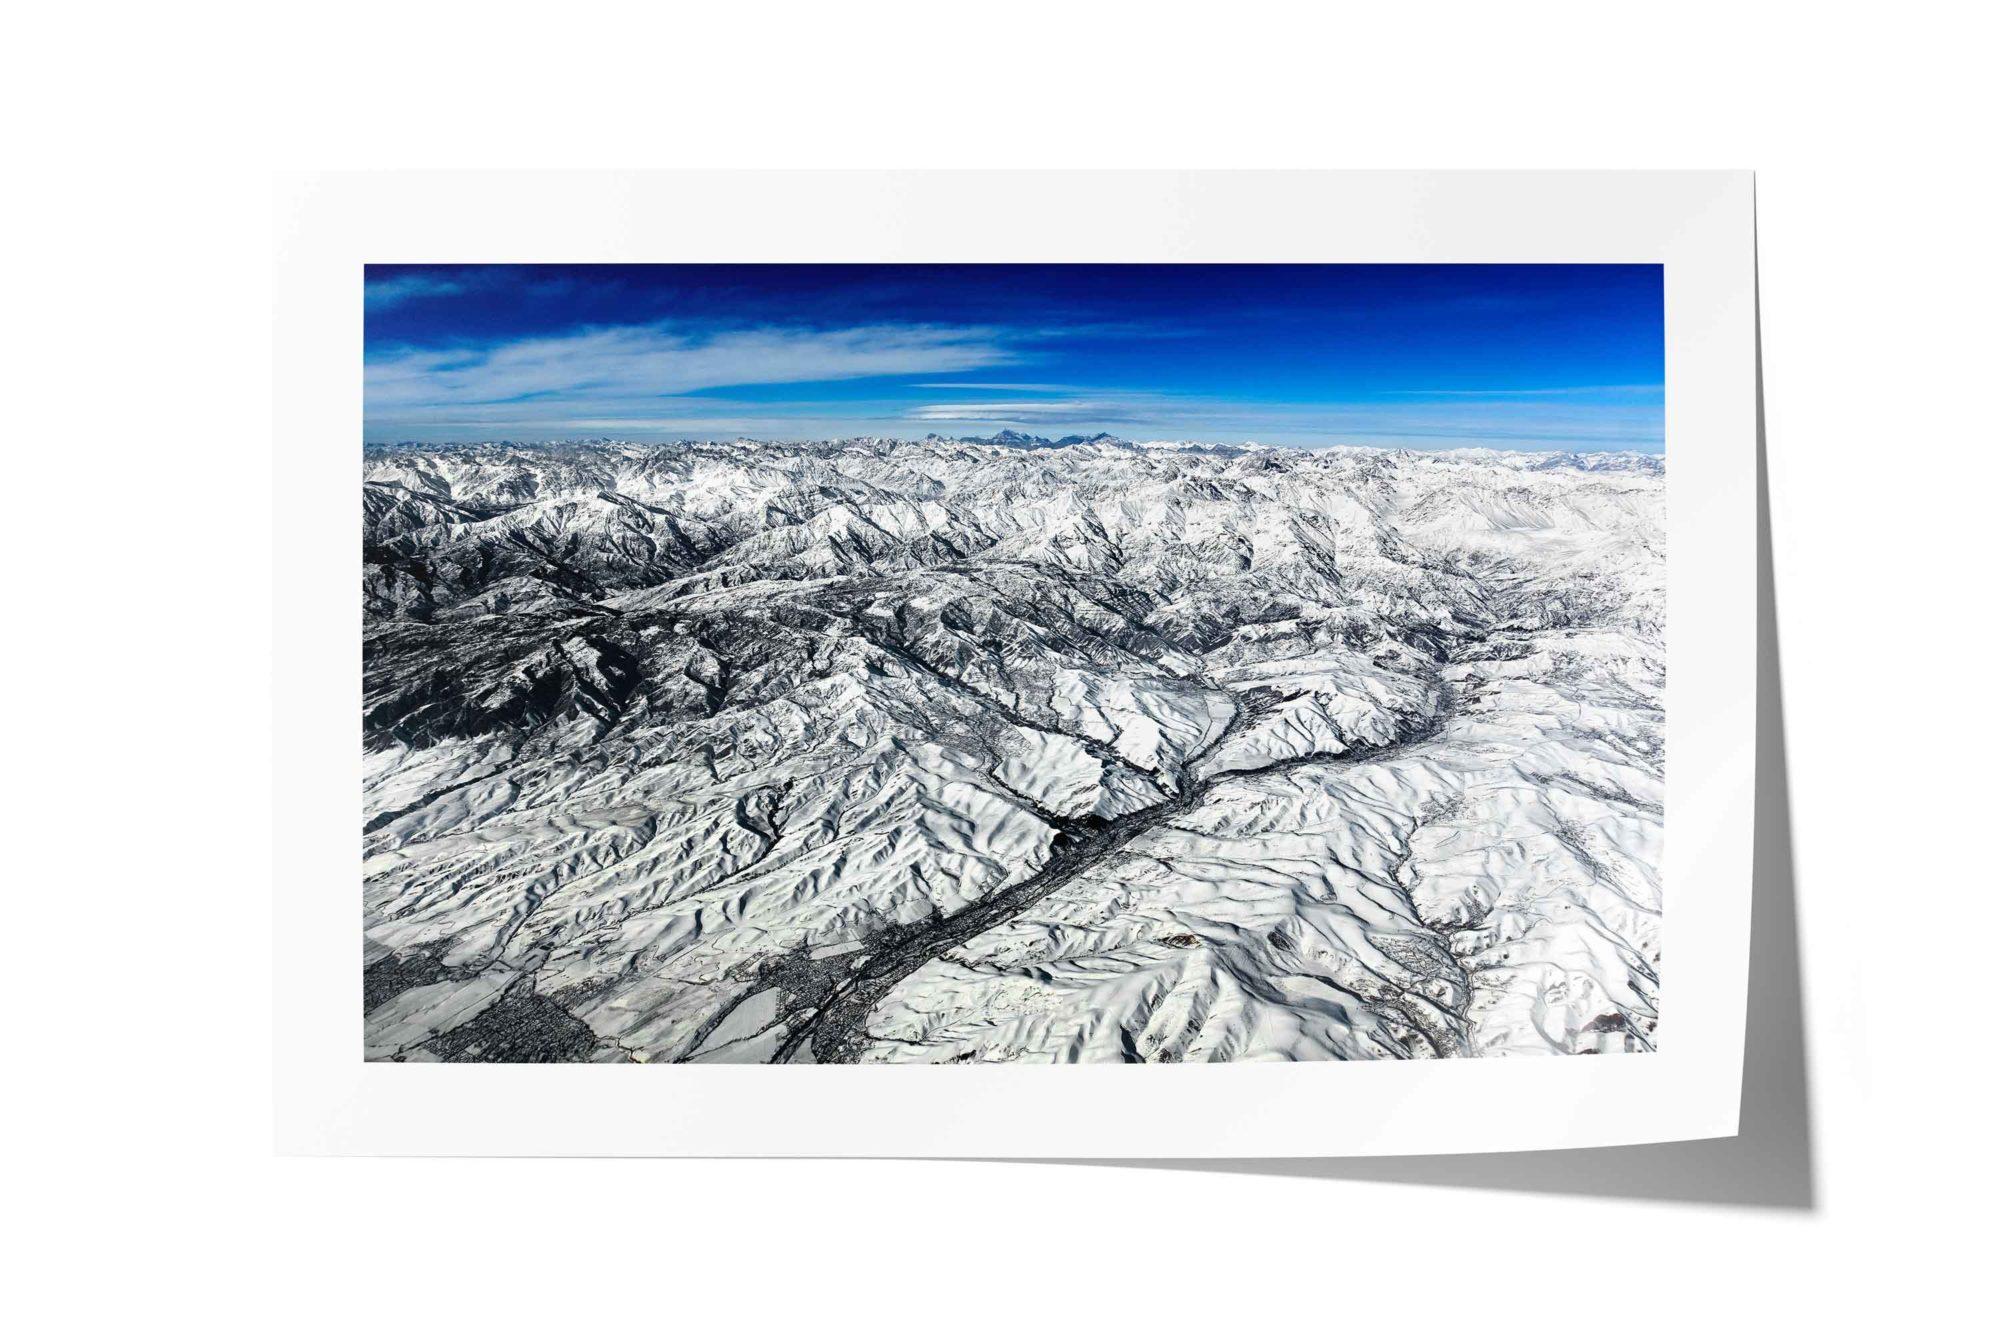 Shirkent National Park